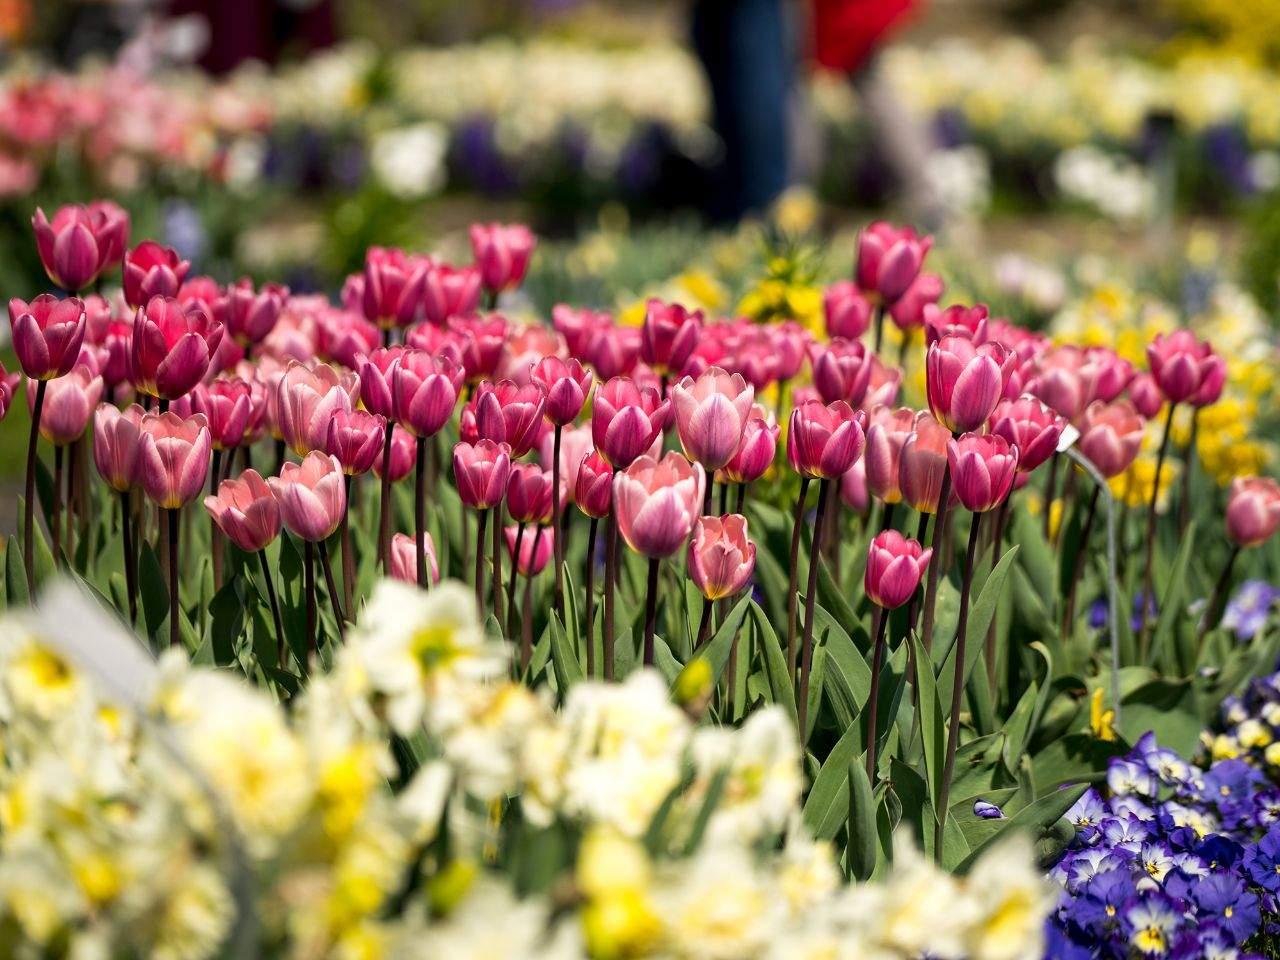 Botanischer Garten München Inspirierend Botanischer Garten In München